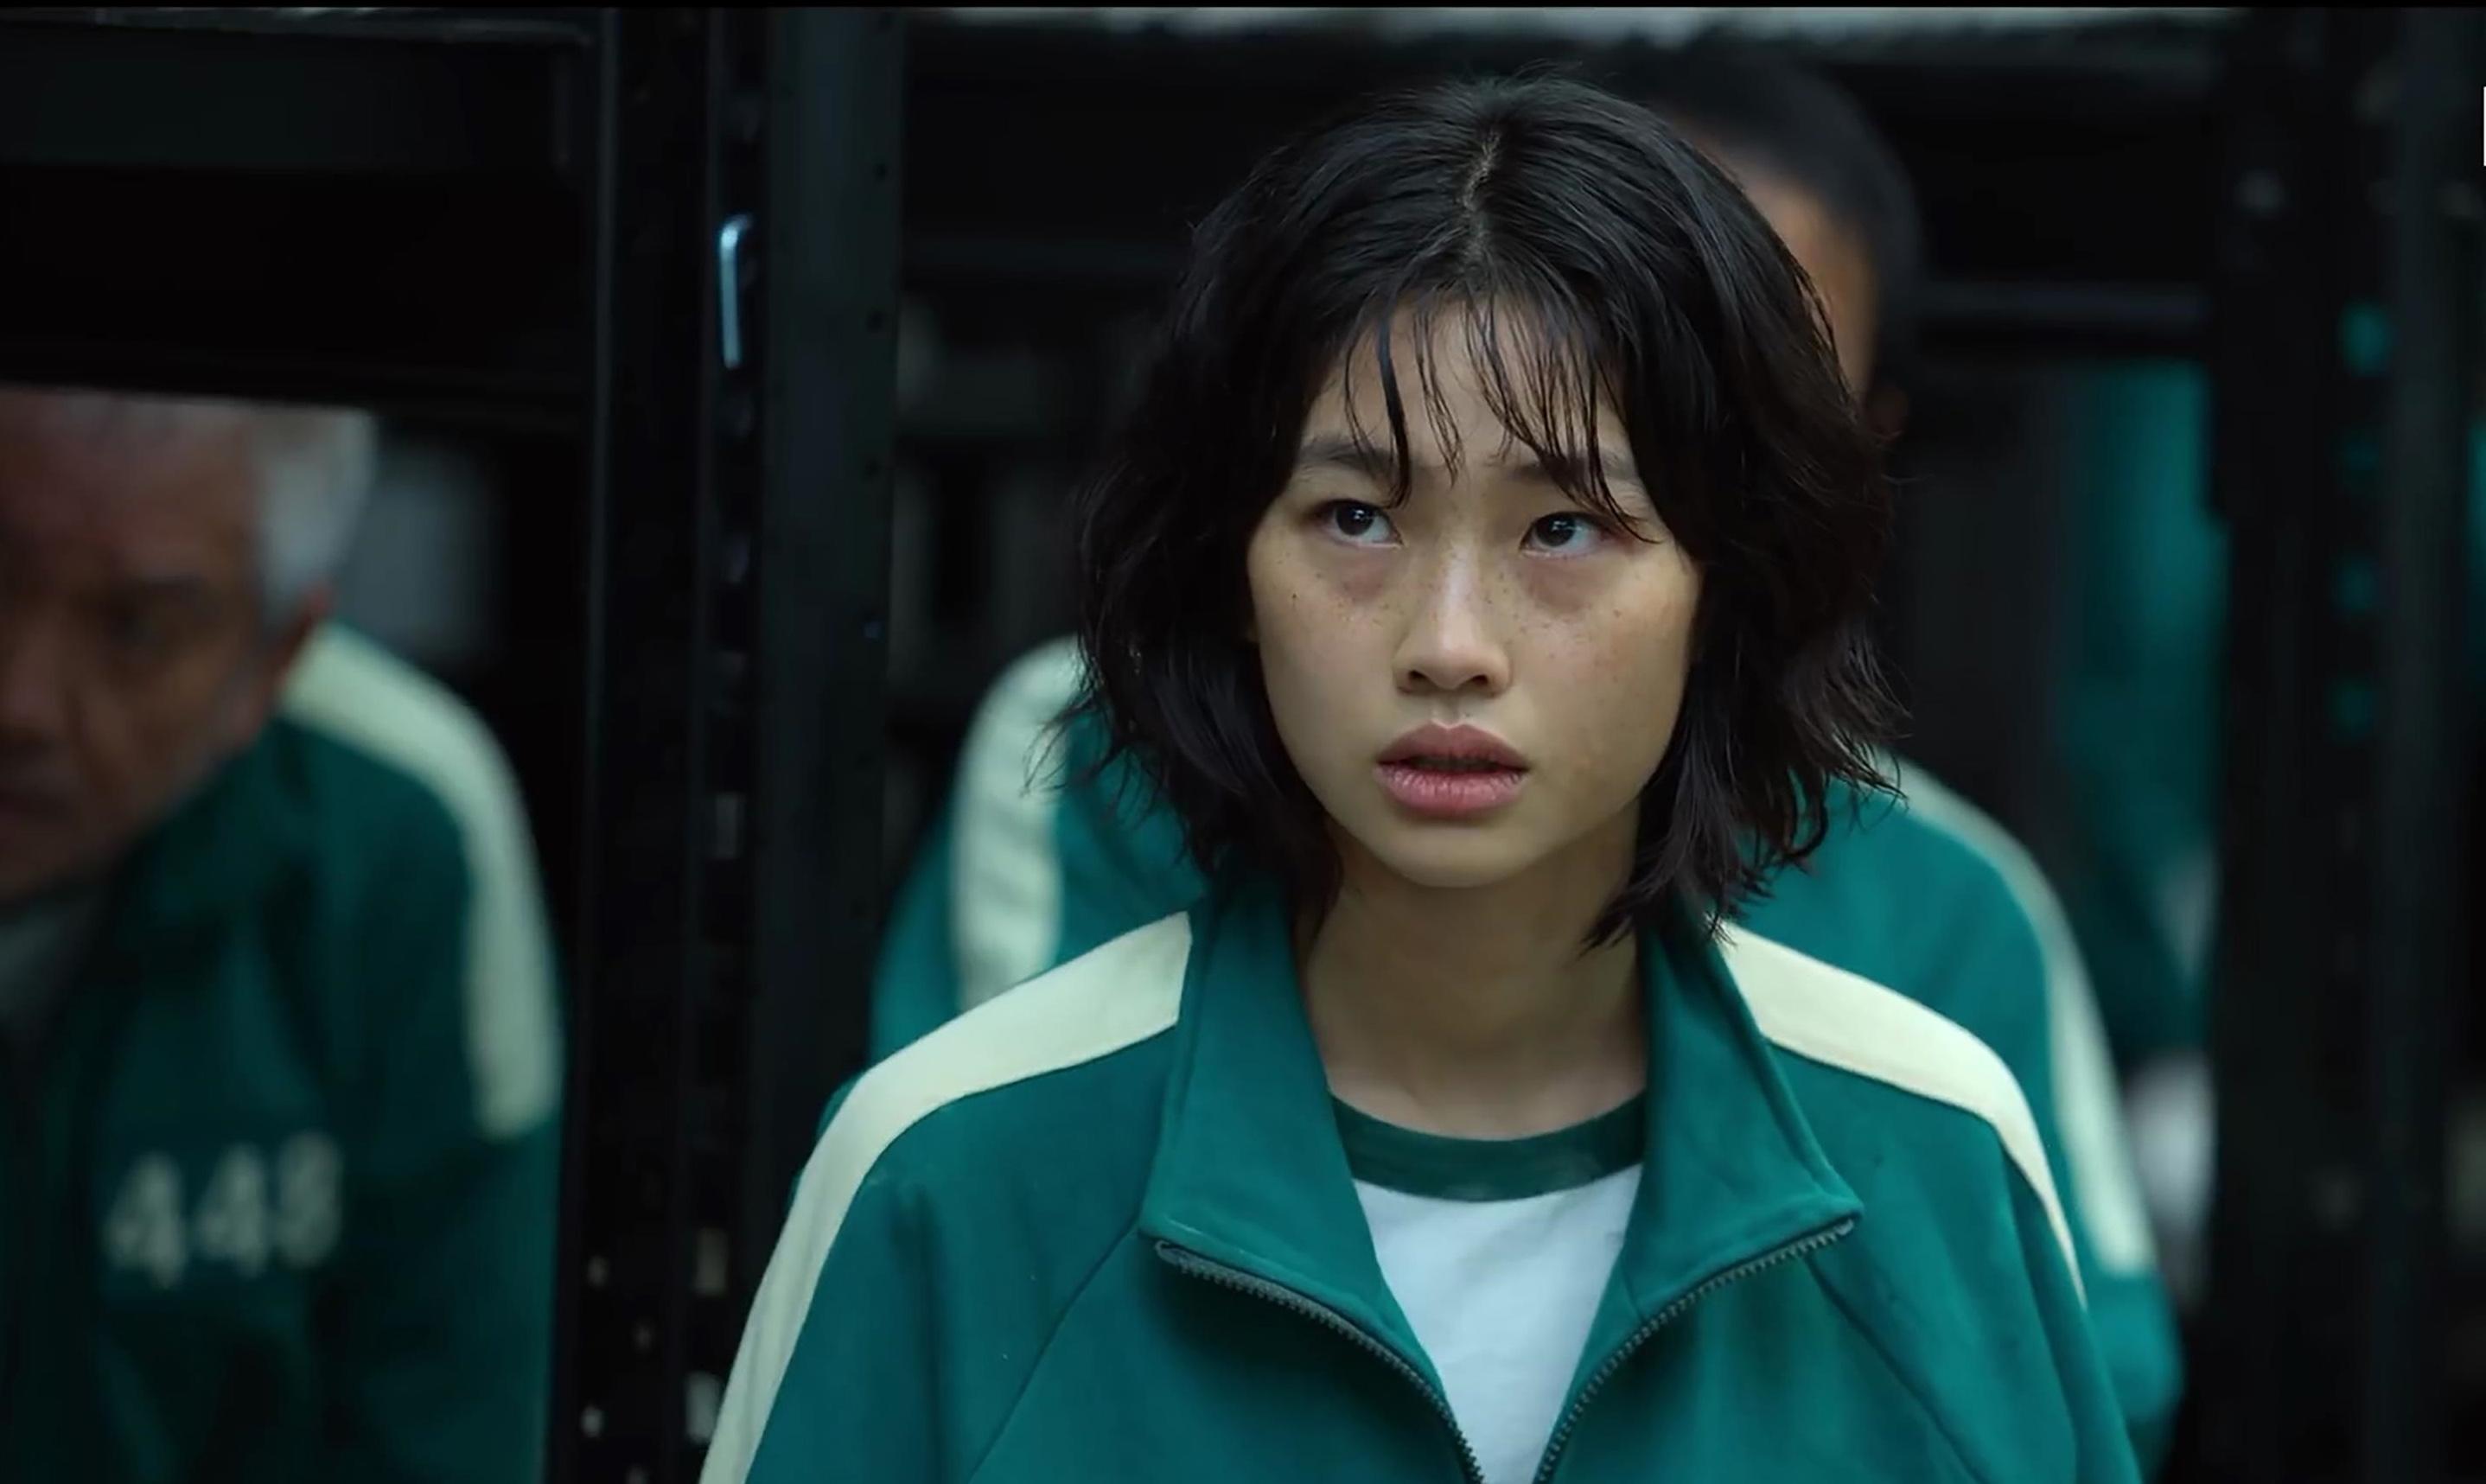 Актриса Хо Ен Чон вроли беженки изСеверной Кореи